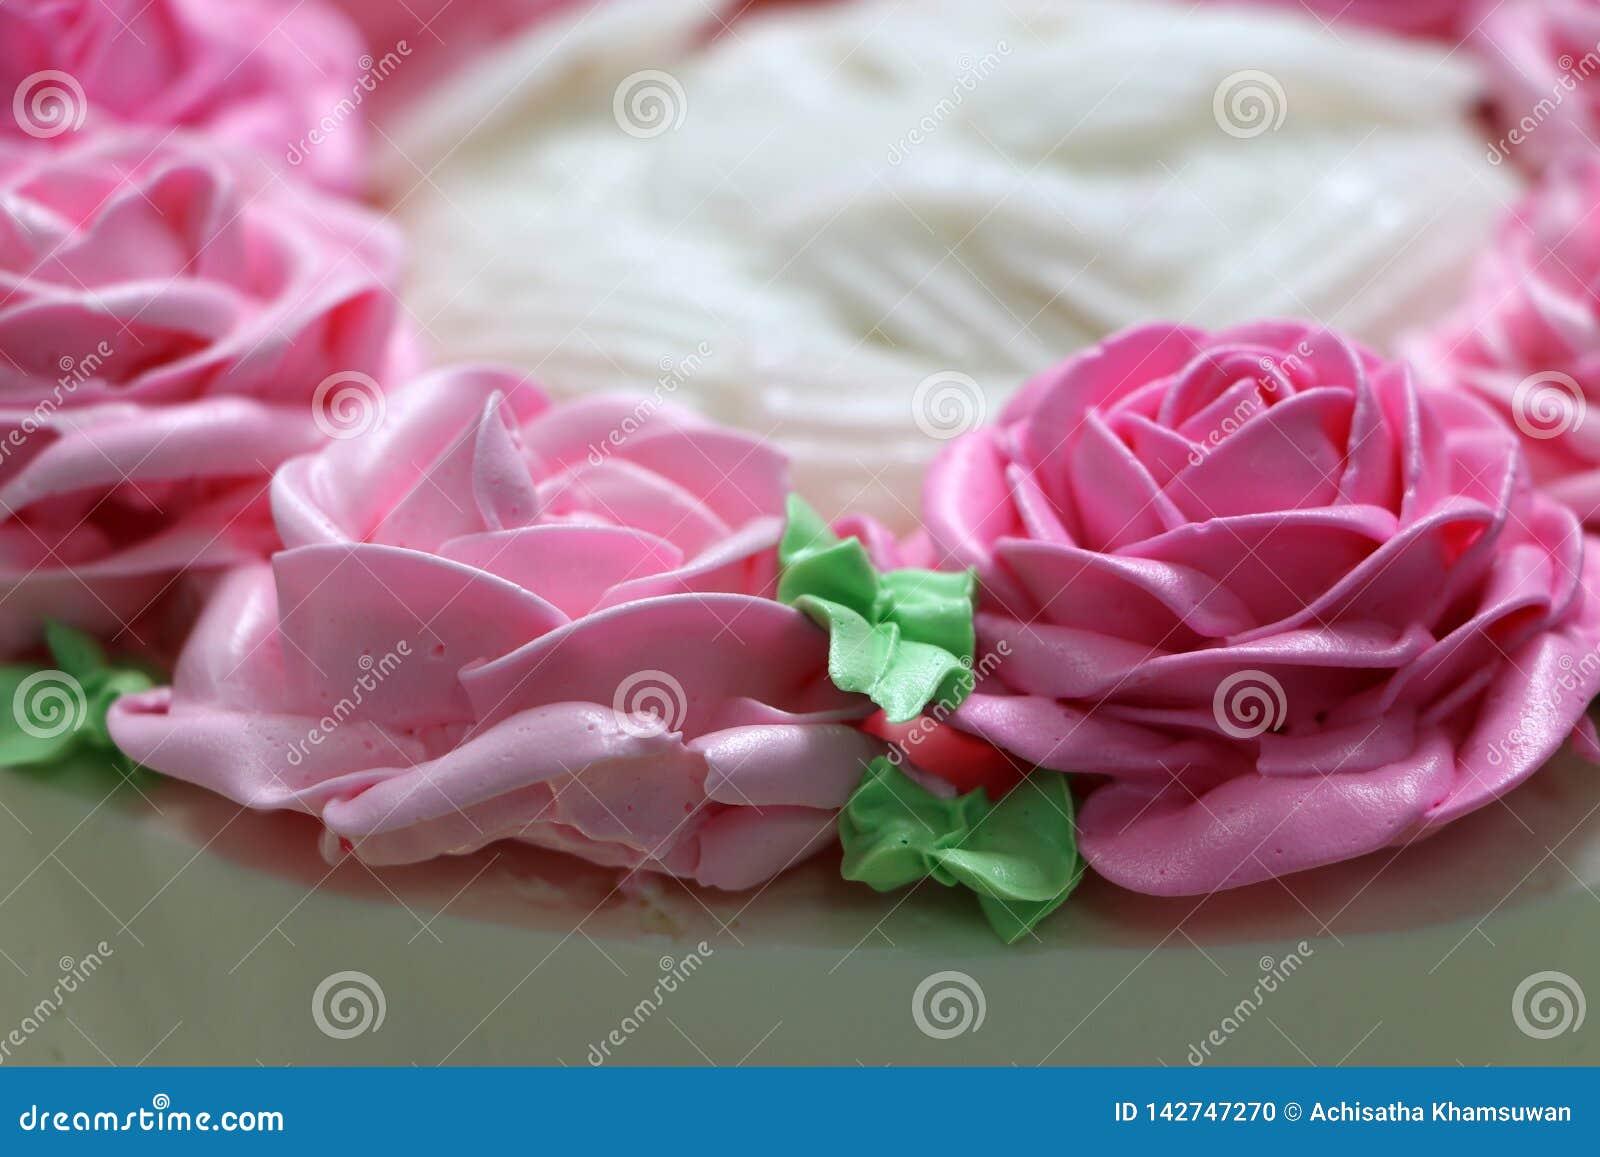 Roze rozen en groen blad van boterroom op de witte cake